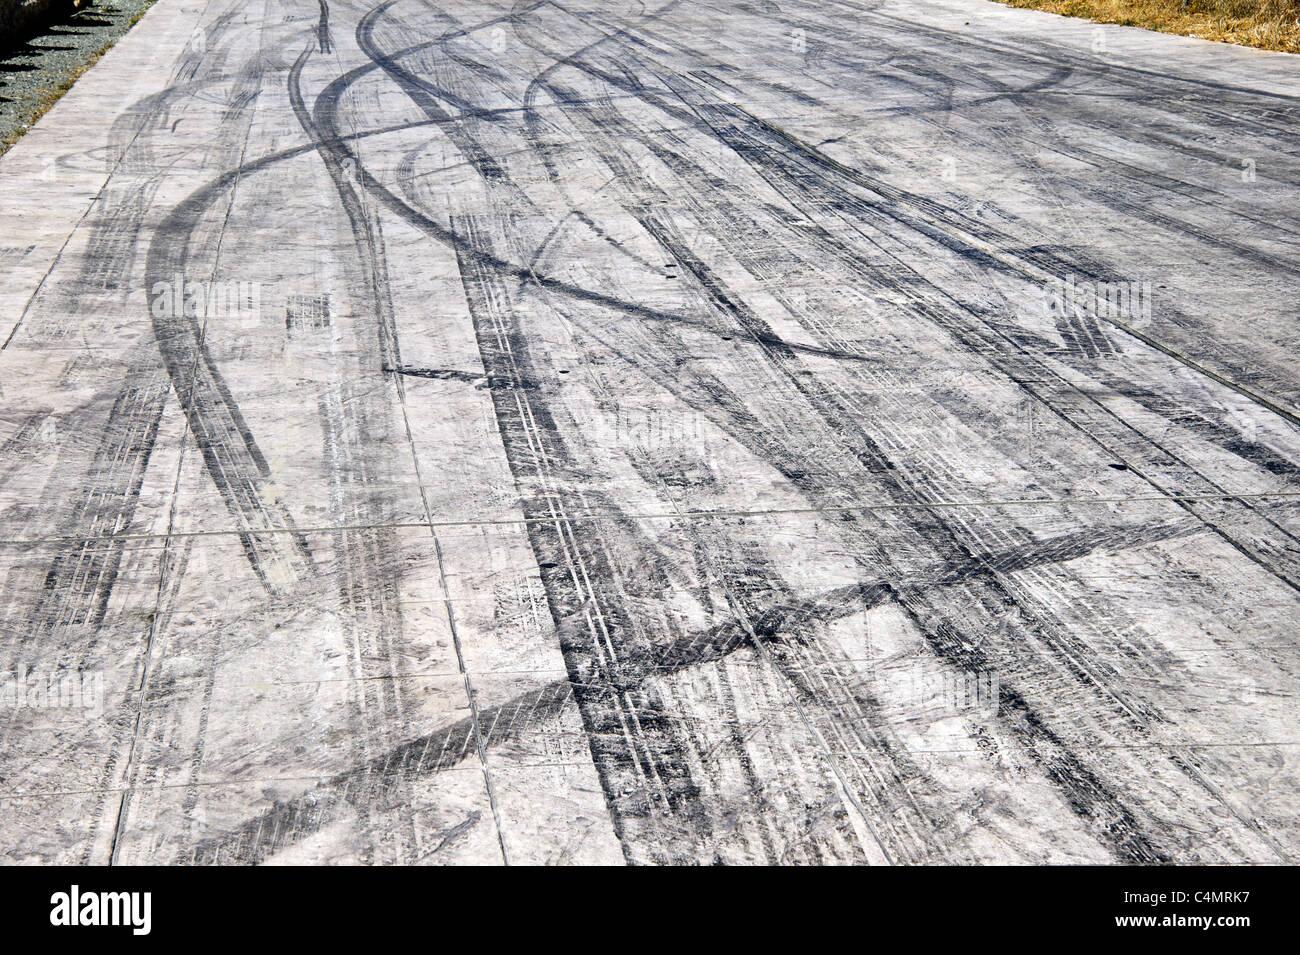 Pneu de voiture marques de dérapage sur route piste Photo Stock